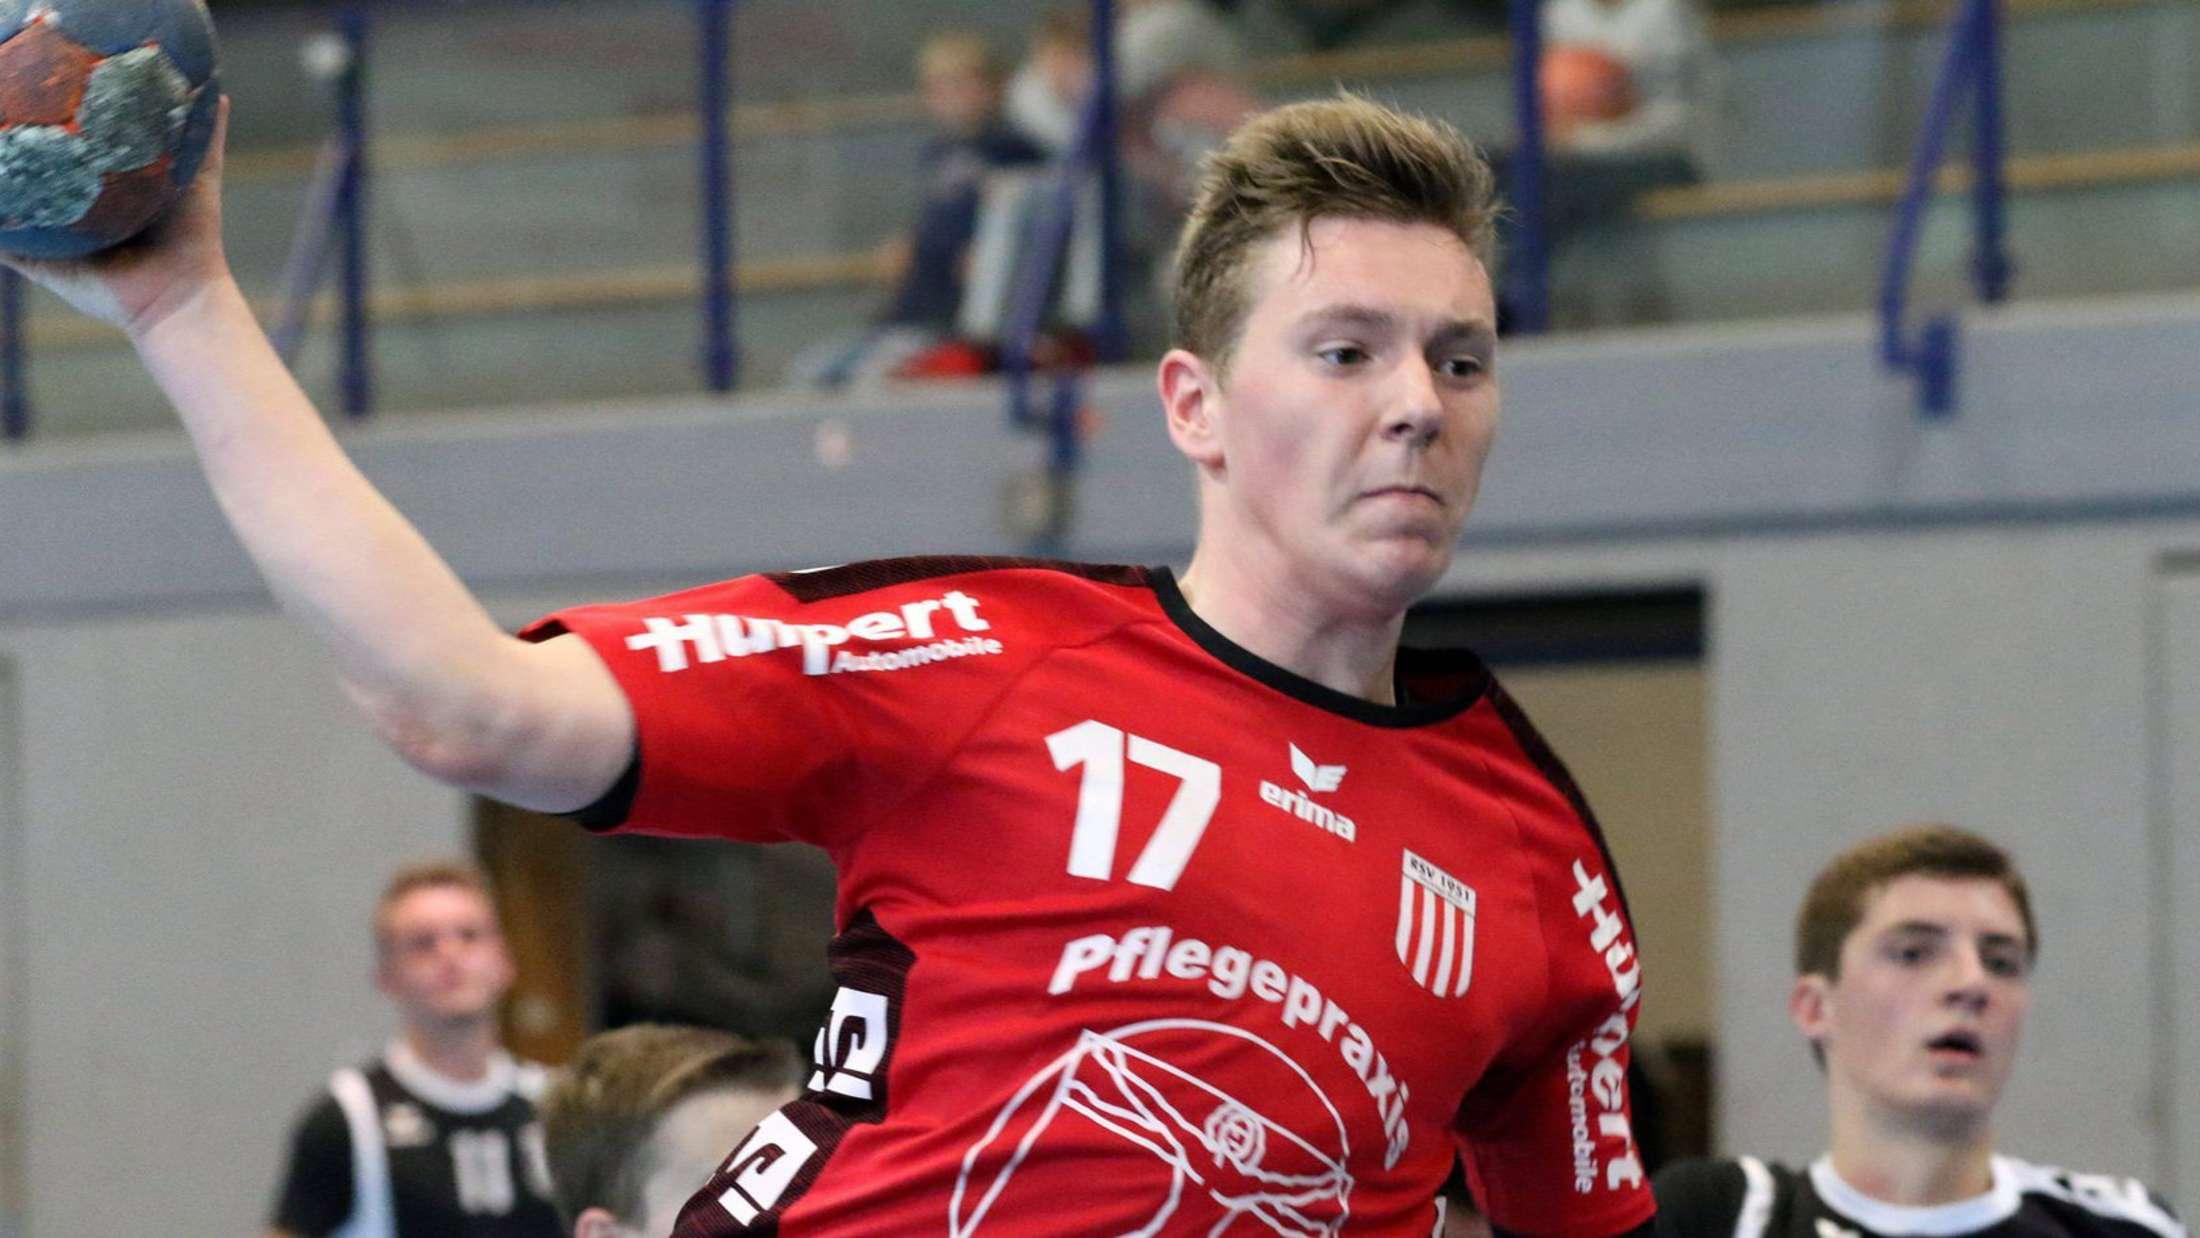 Torben Boltzt ist einer von drei Akteure aus der zweiten Mannschaft, die dem RSV-Landesligateam aushelfen - Foto: Liesegang